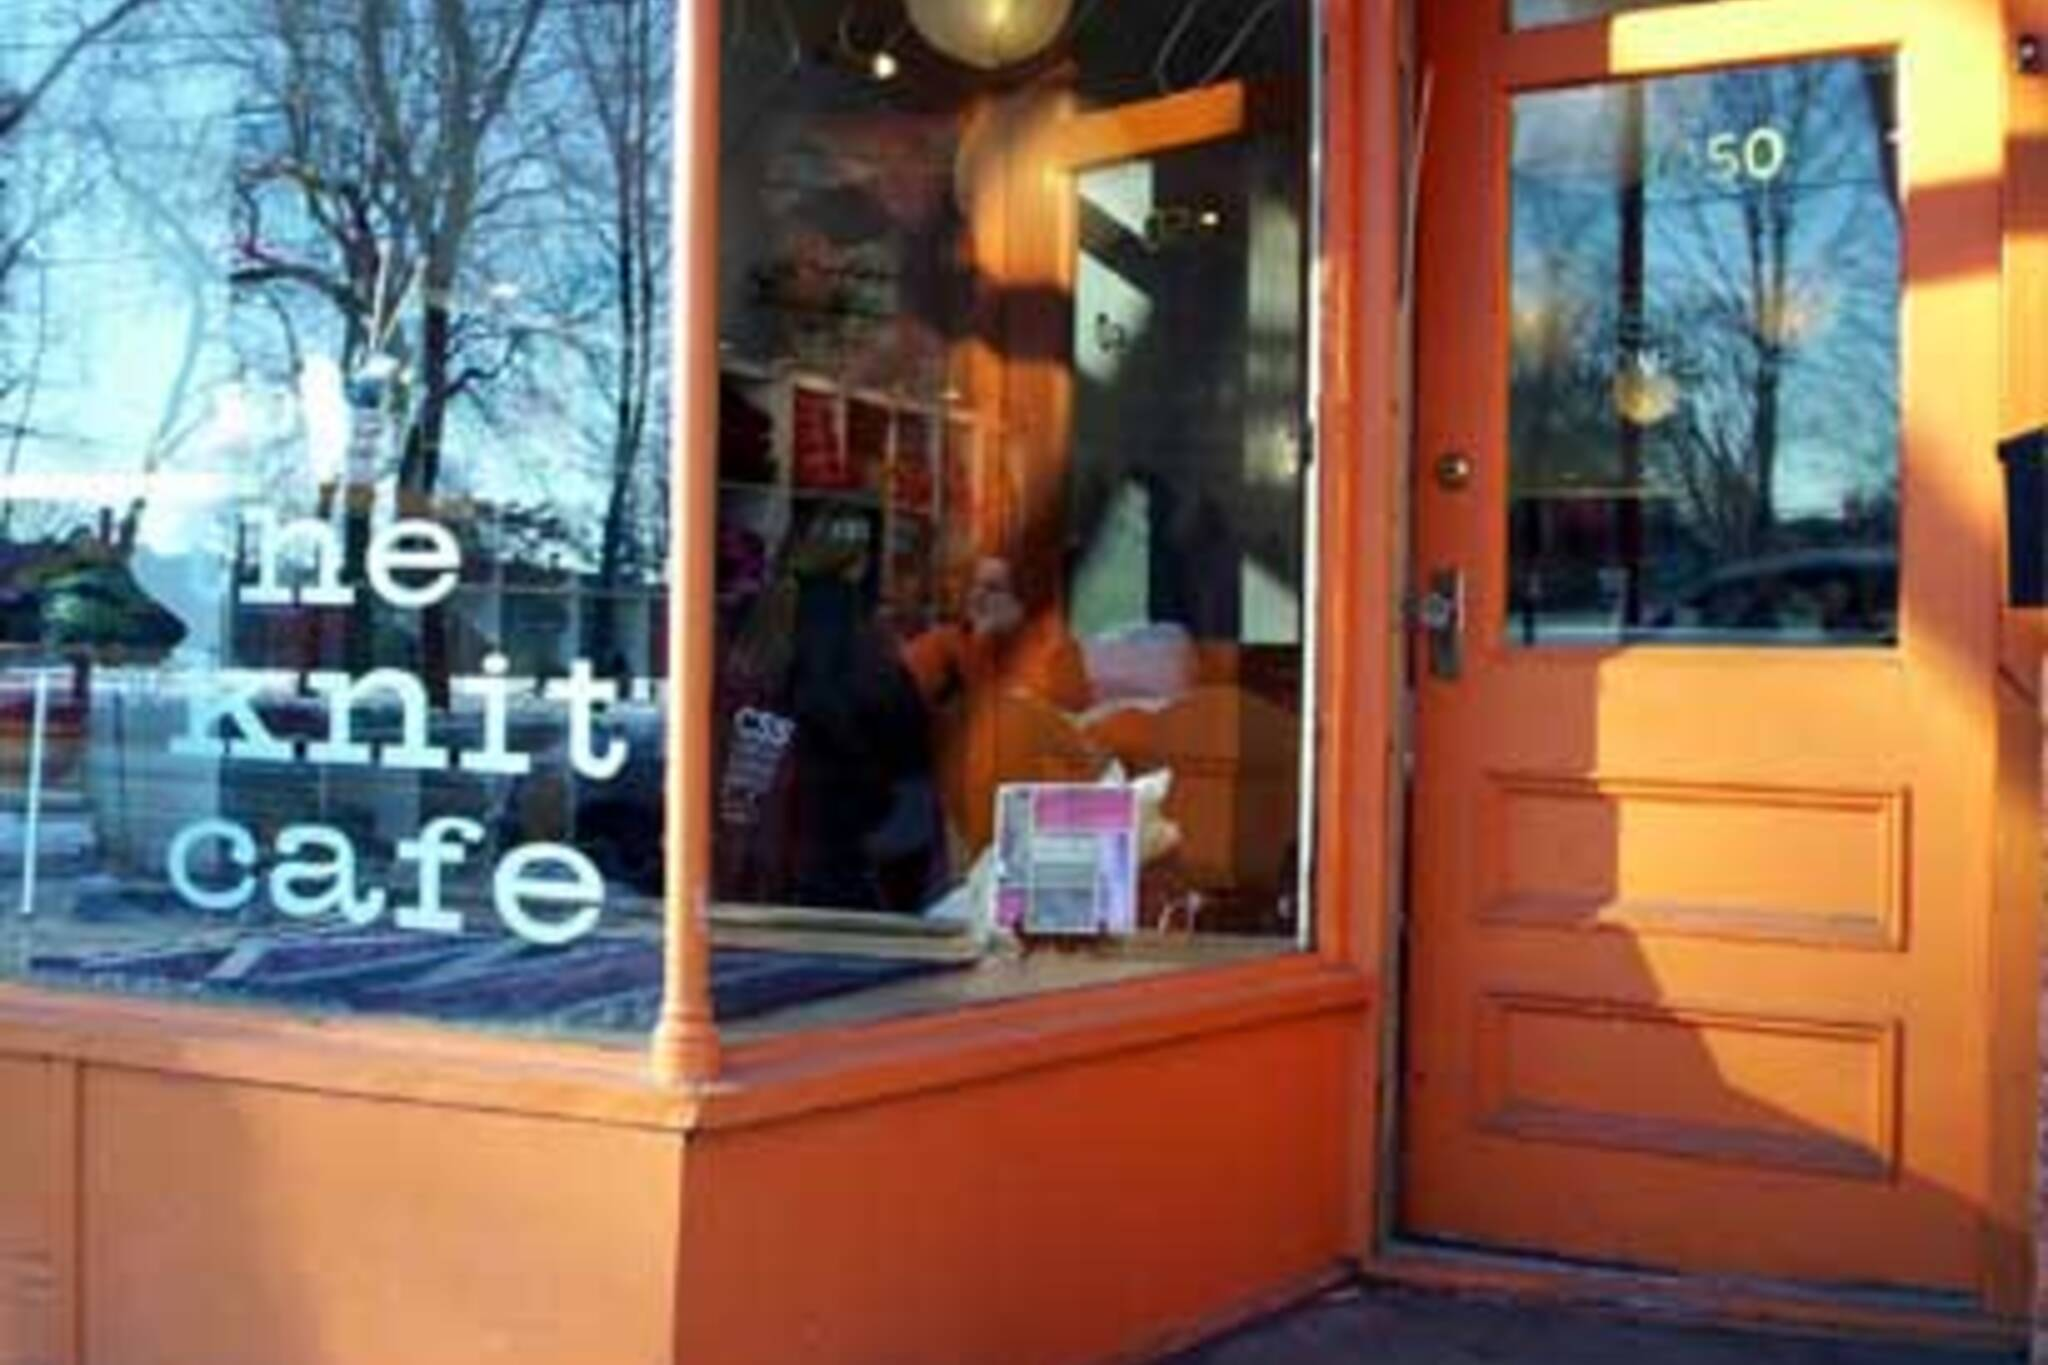 knitcafe.jpg